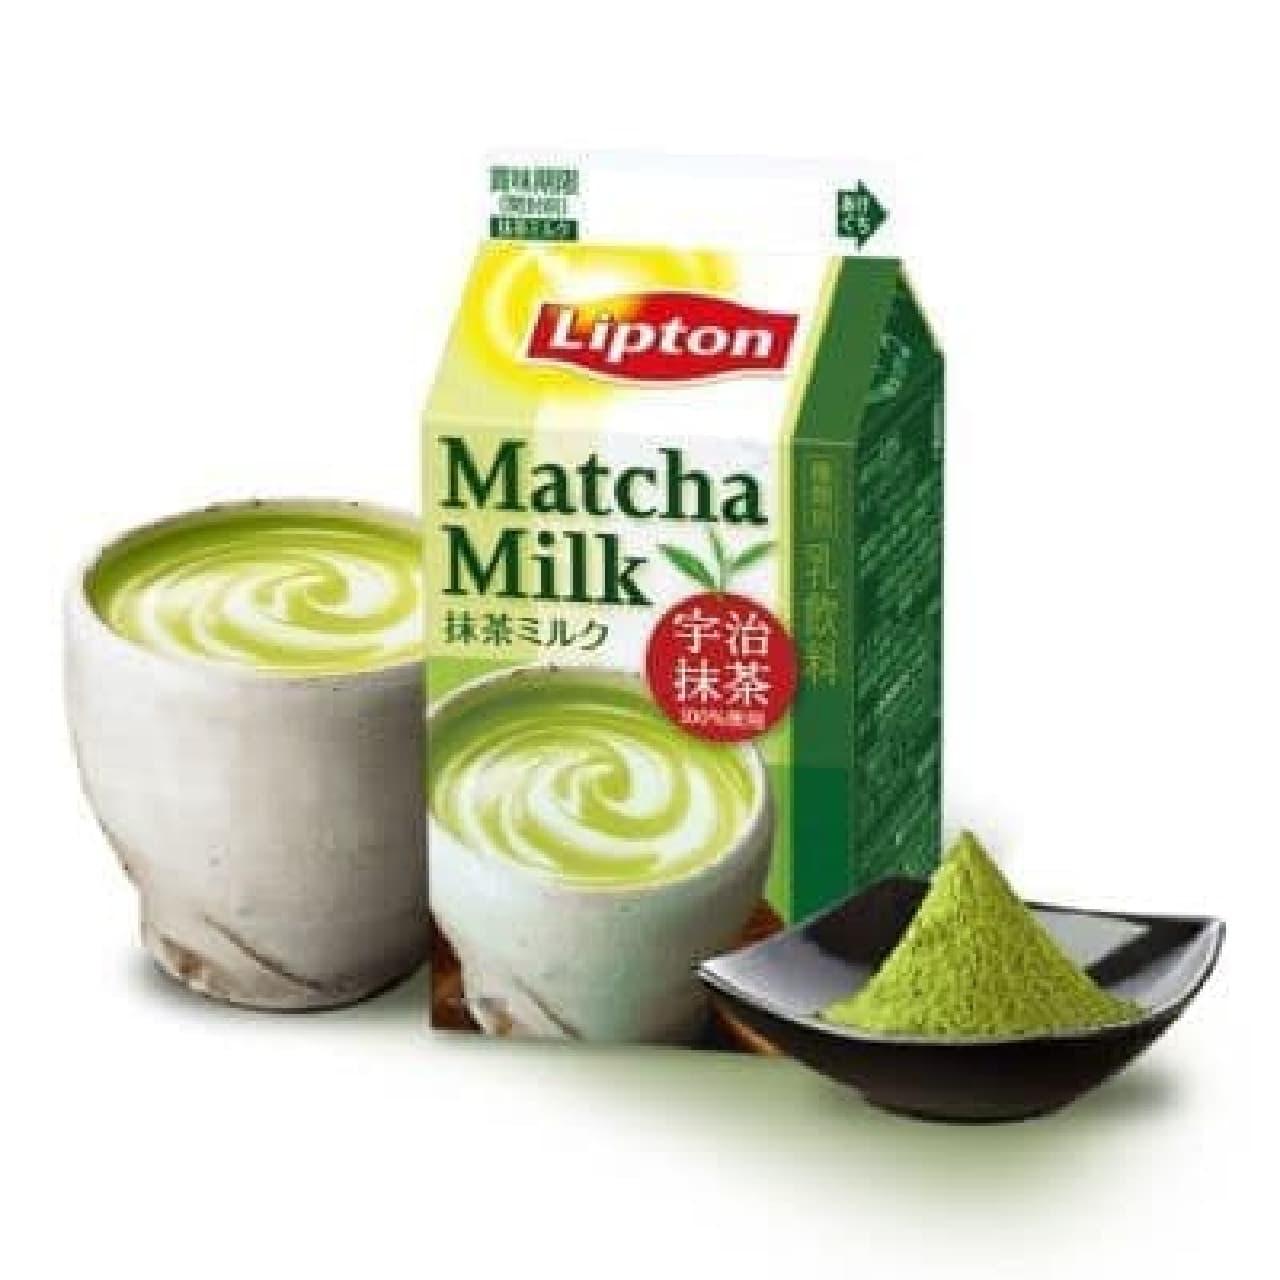 リプトン 抹茶ミルク